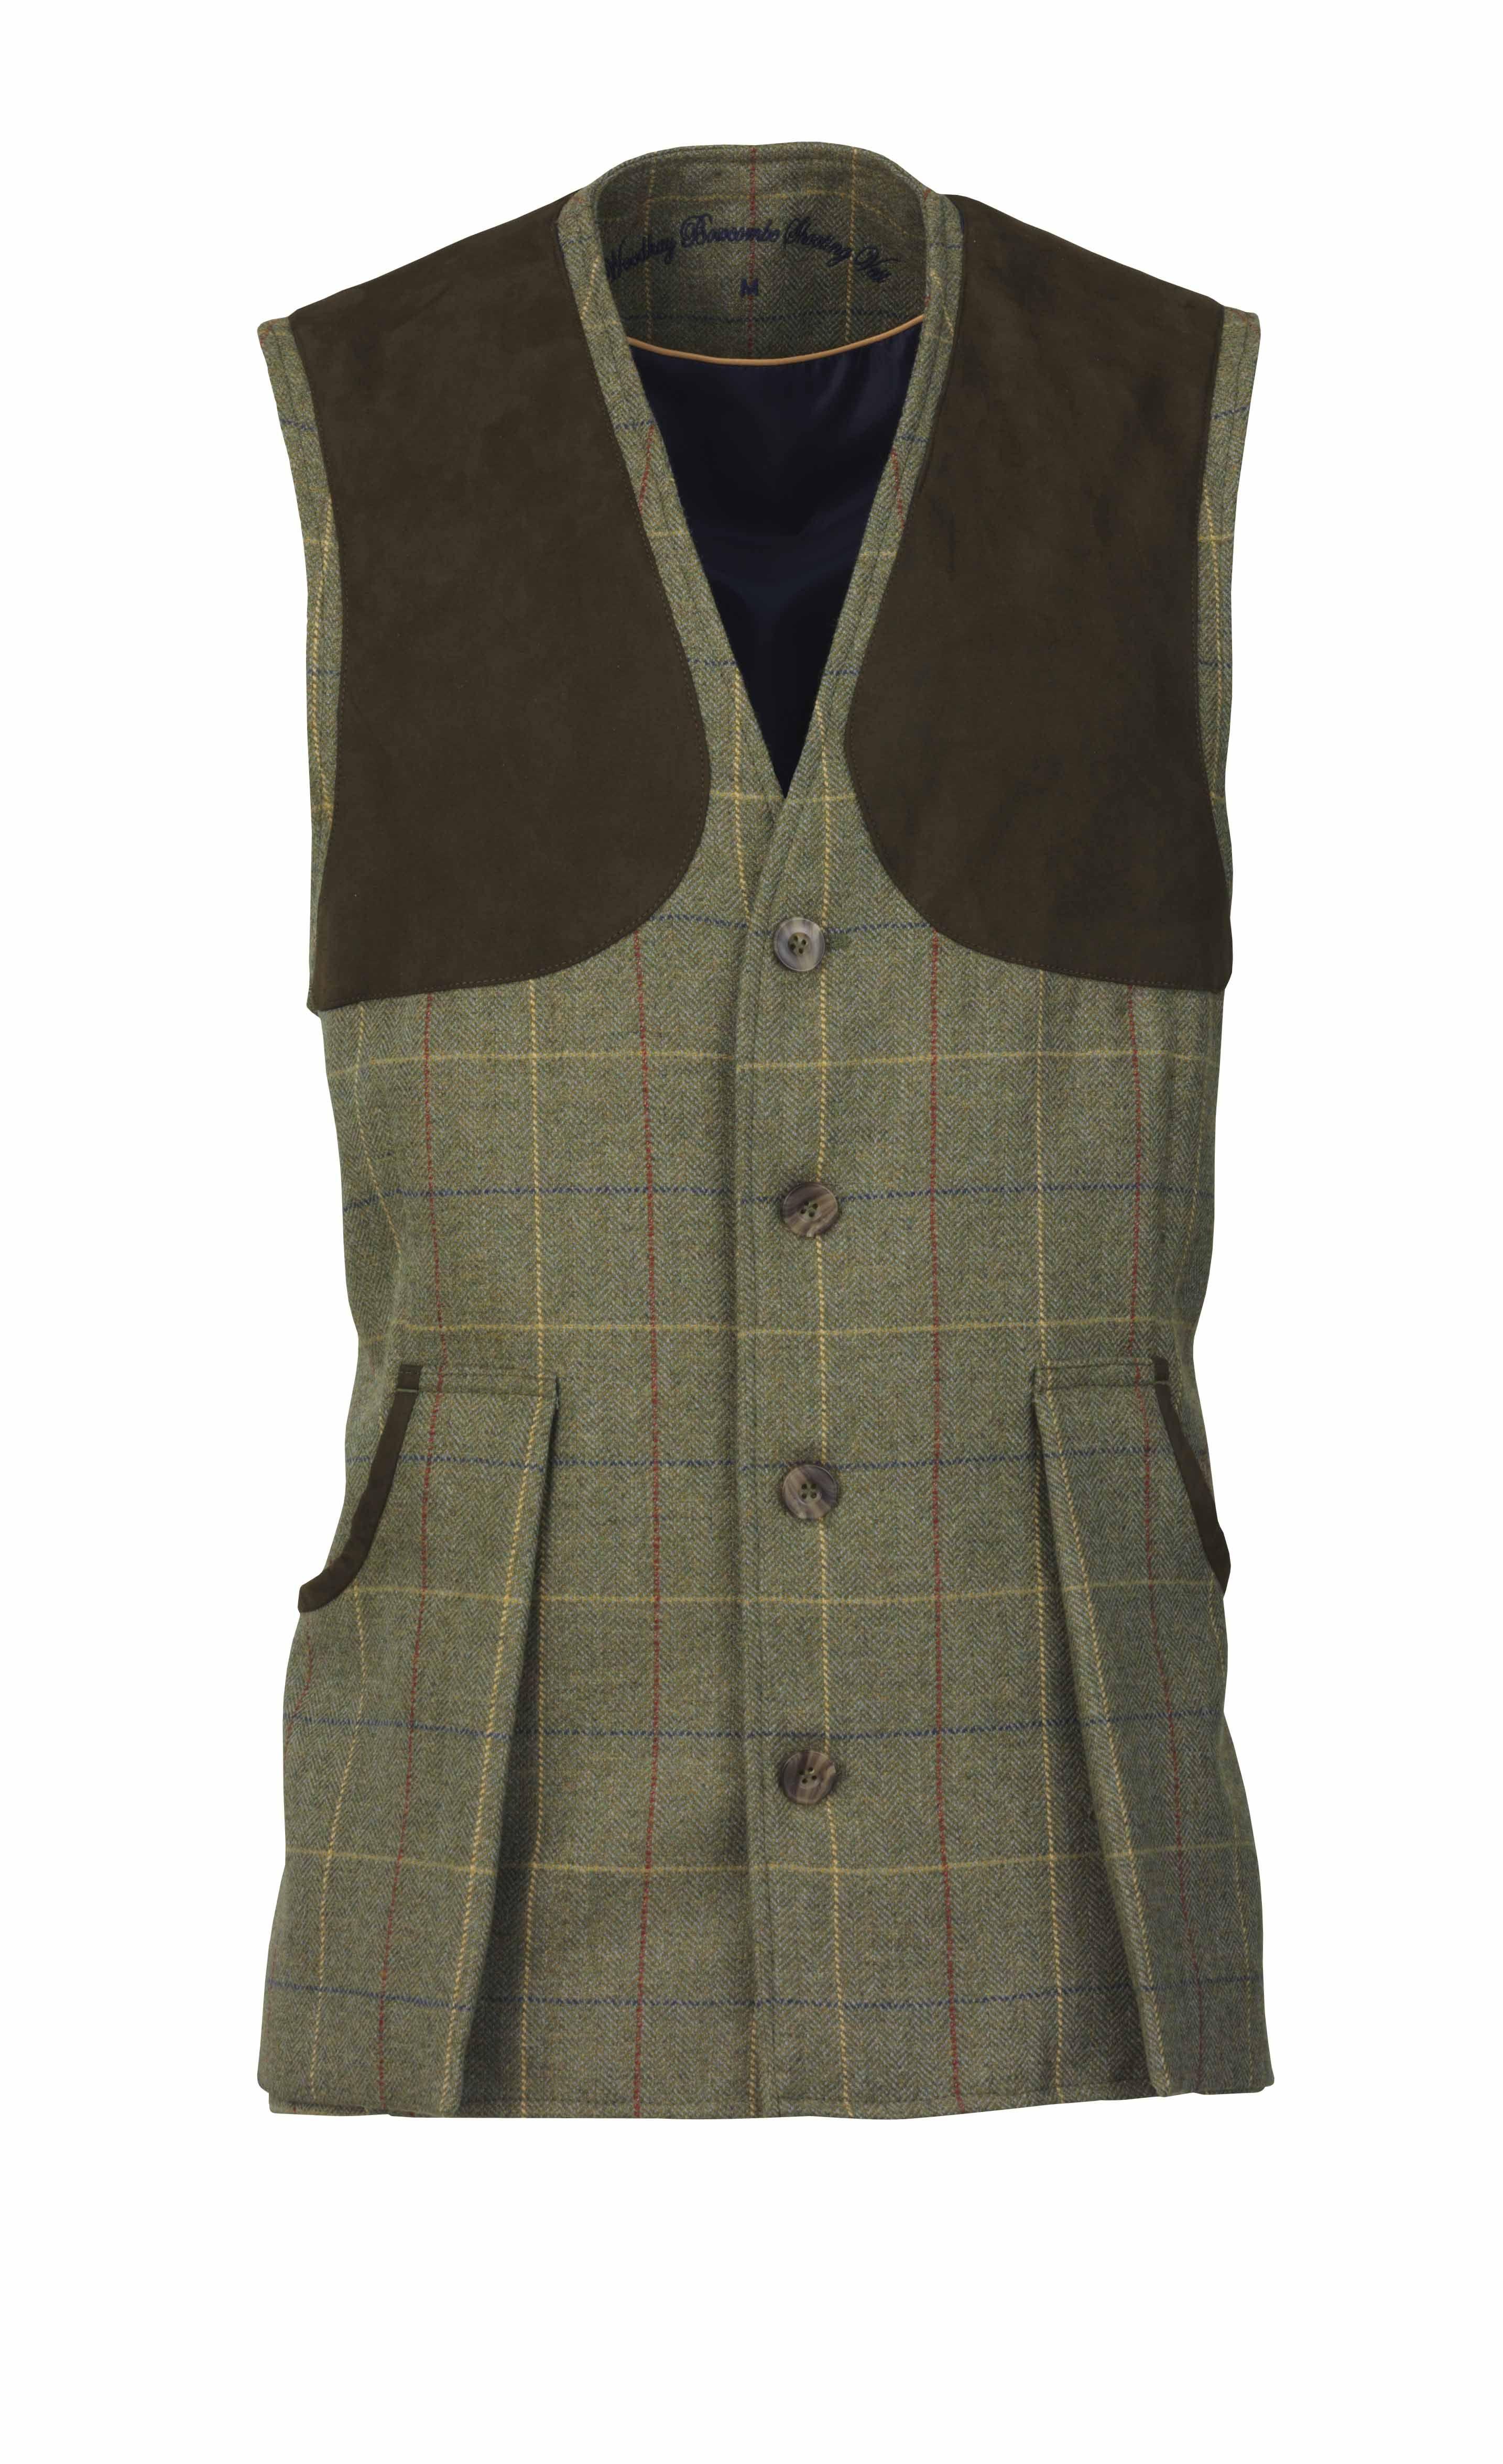 5da2d11200054 Laksen Sporting Woodhay tweed shooting vest | Men's clothing & Style ...